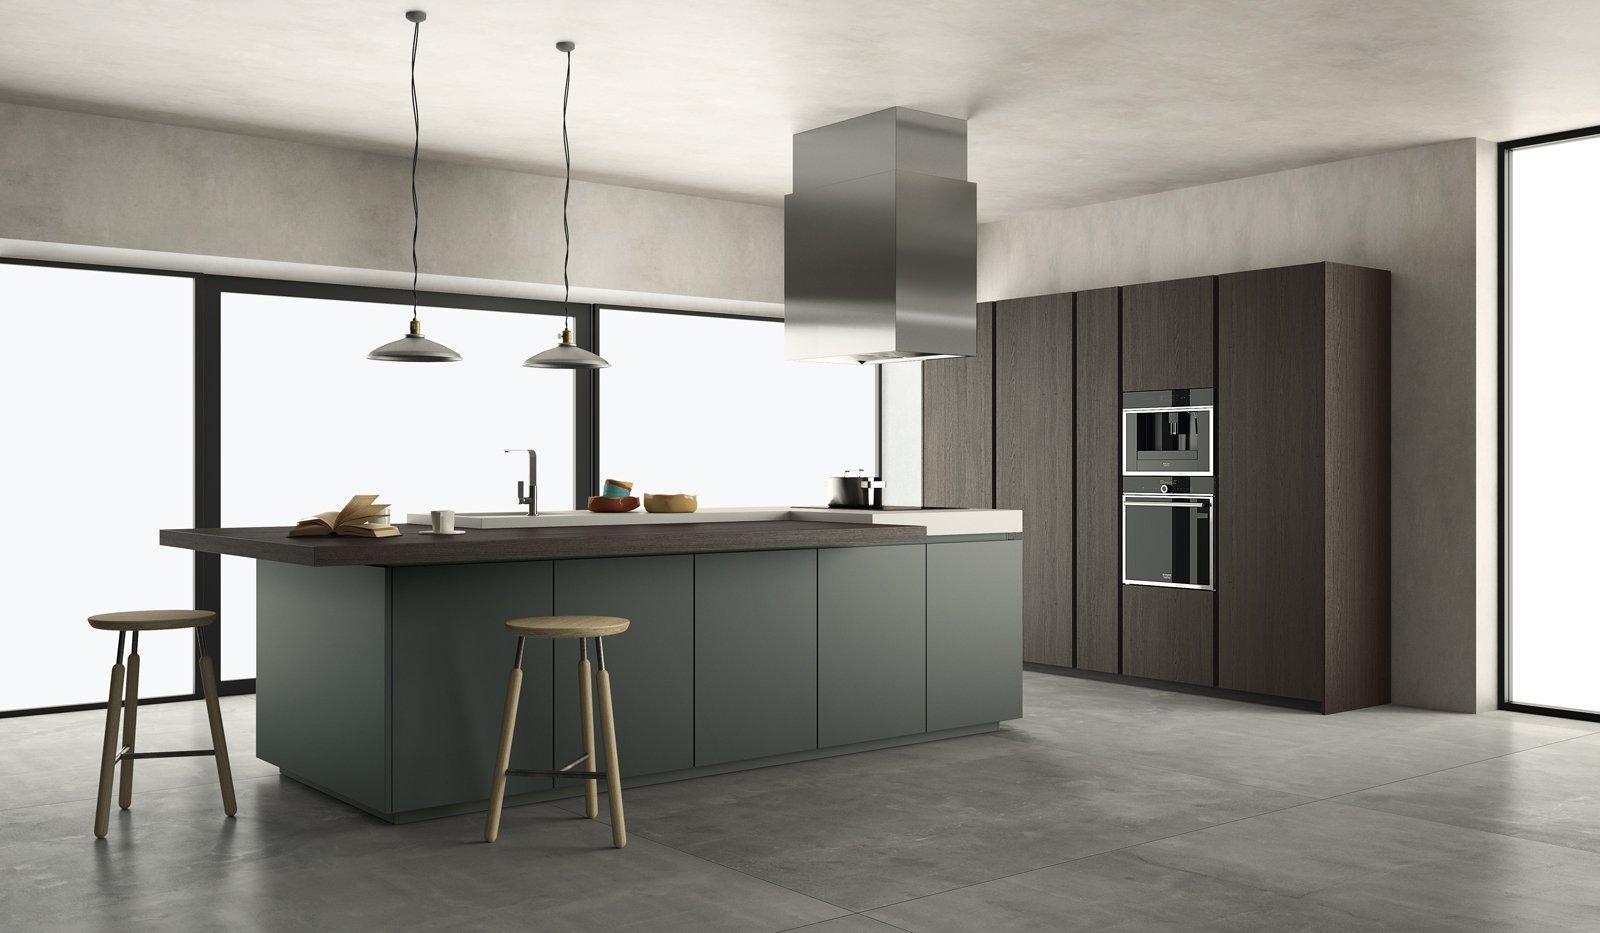 Arredamento cucine piccole cose di casa for Doimo arredamenti